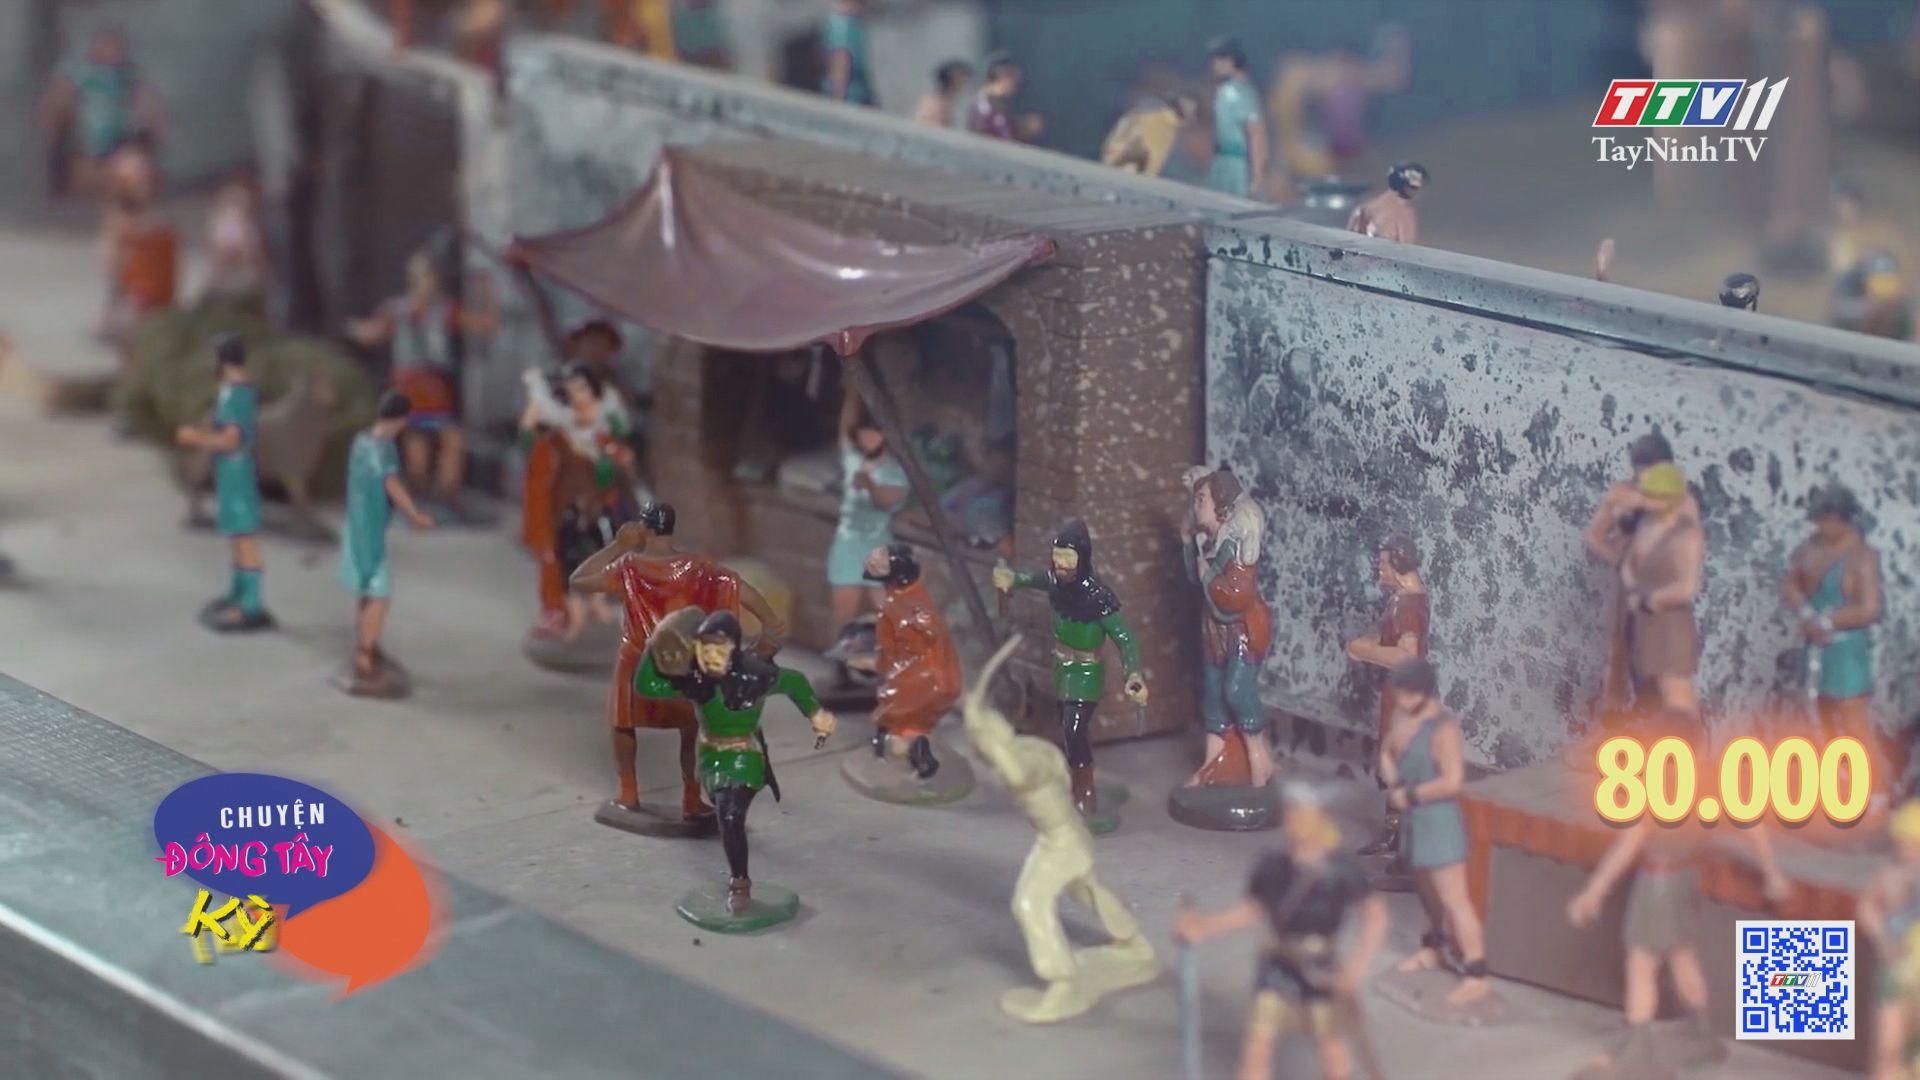 Bộ sưu tập đồ chơi trị giá 1,5 triệu đô la Mỹ | CHUYỆN ĐÔNG TÂY KỲ THÚ | TayNinhTV